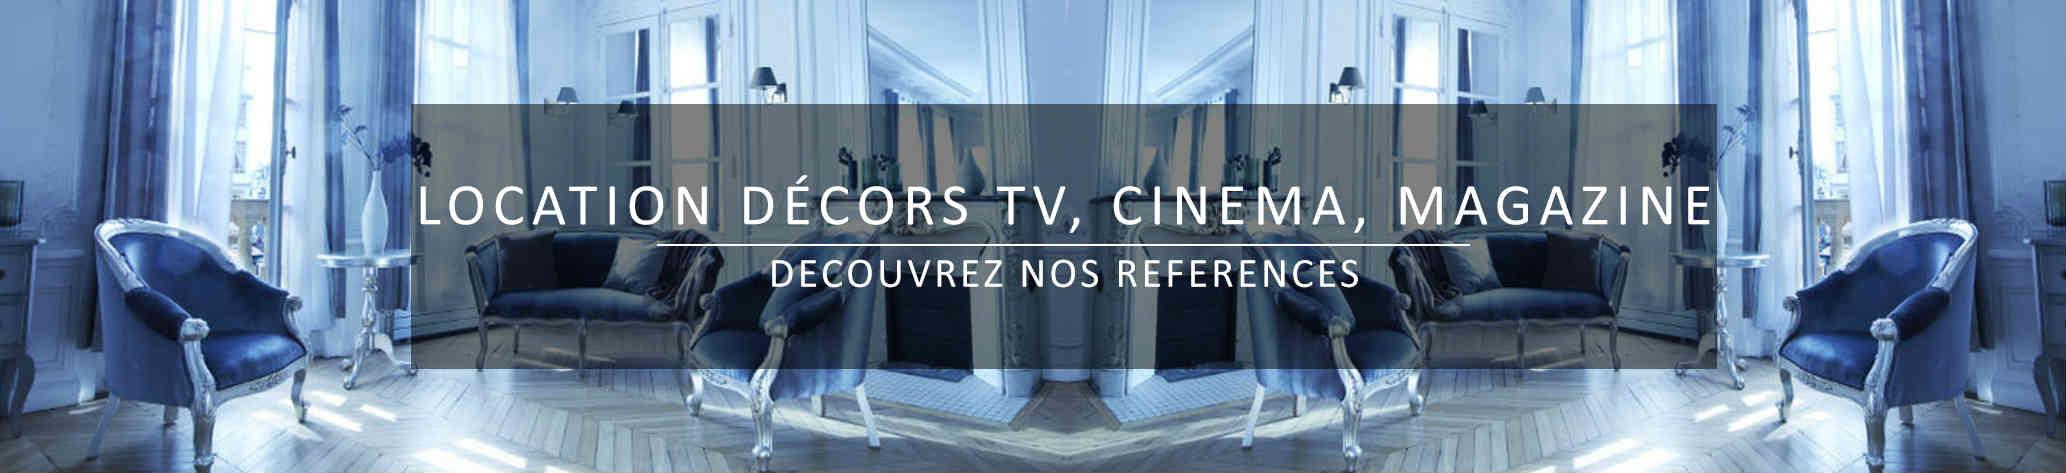 Bandeau location mobilier pour décors cinéma tv et magazine